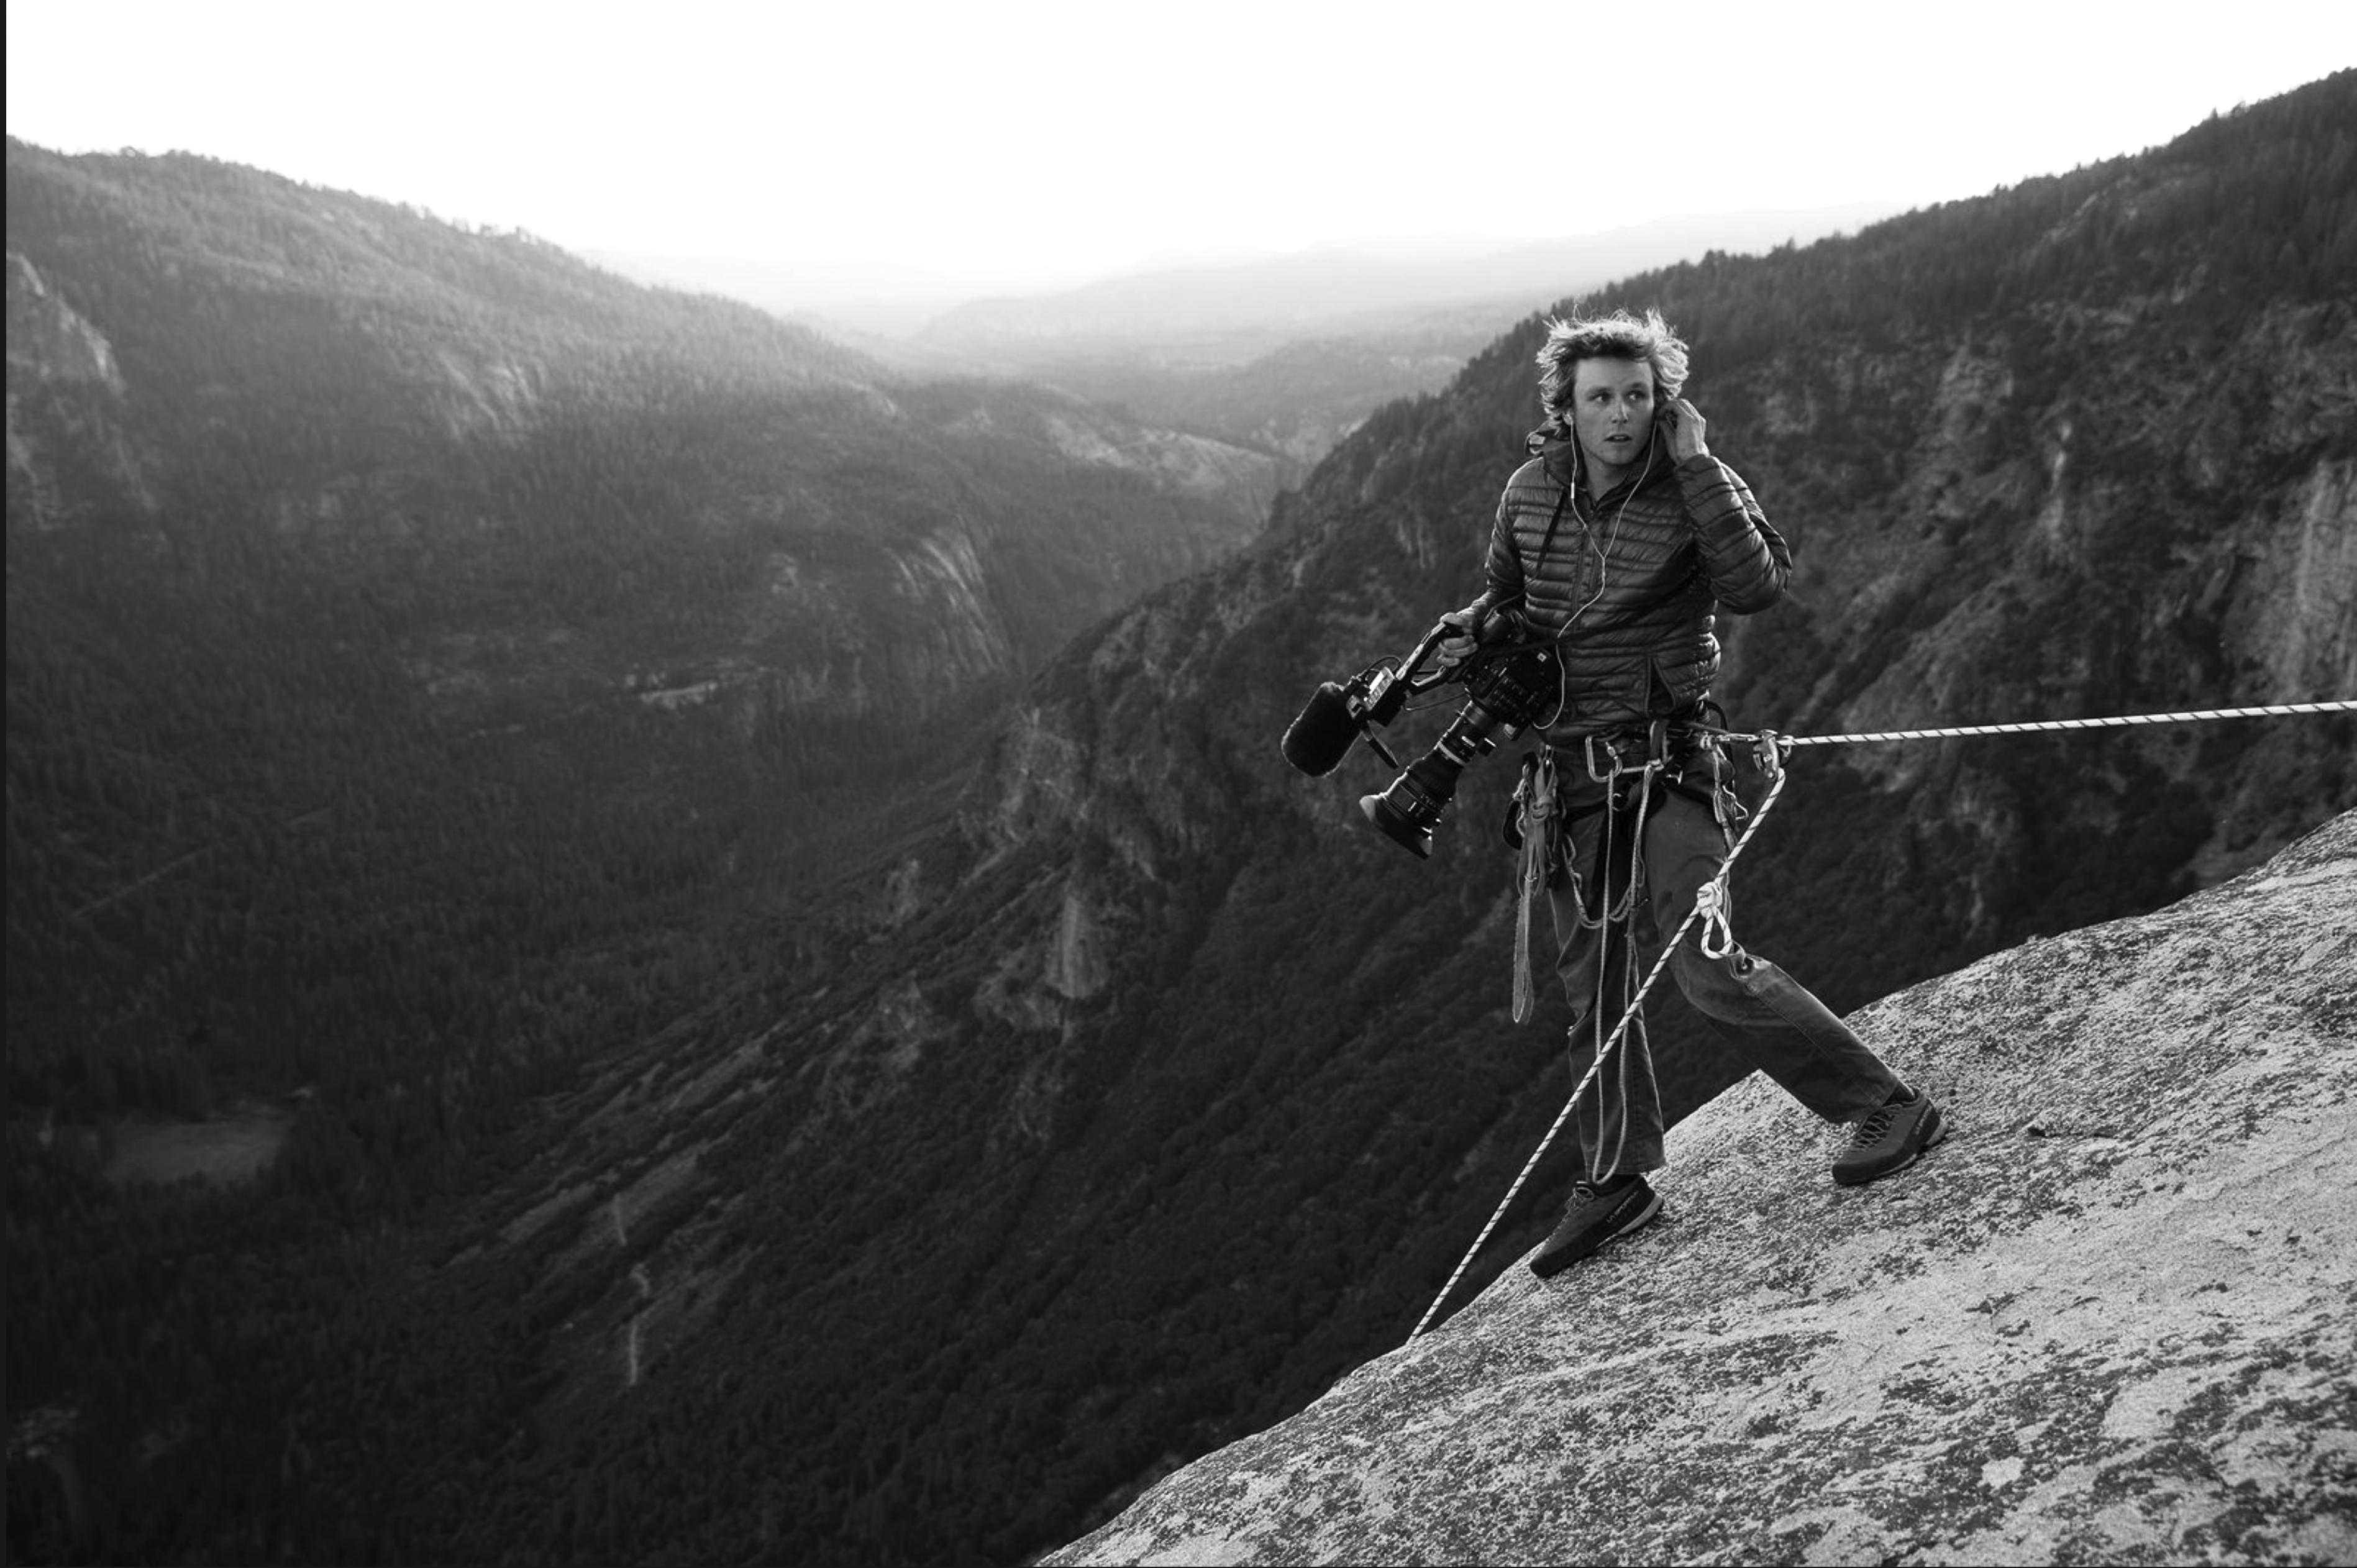 Graduate films El Capitan ascent